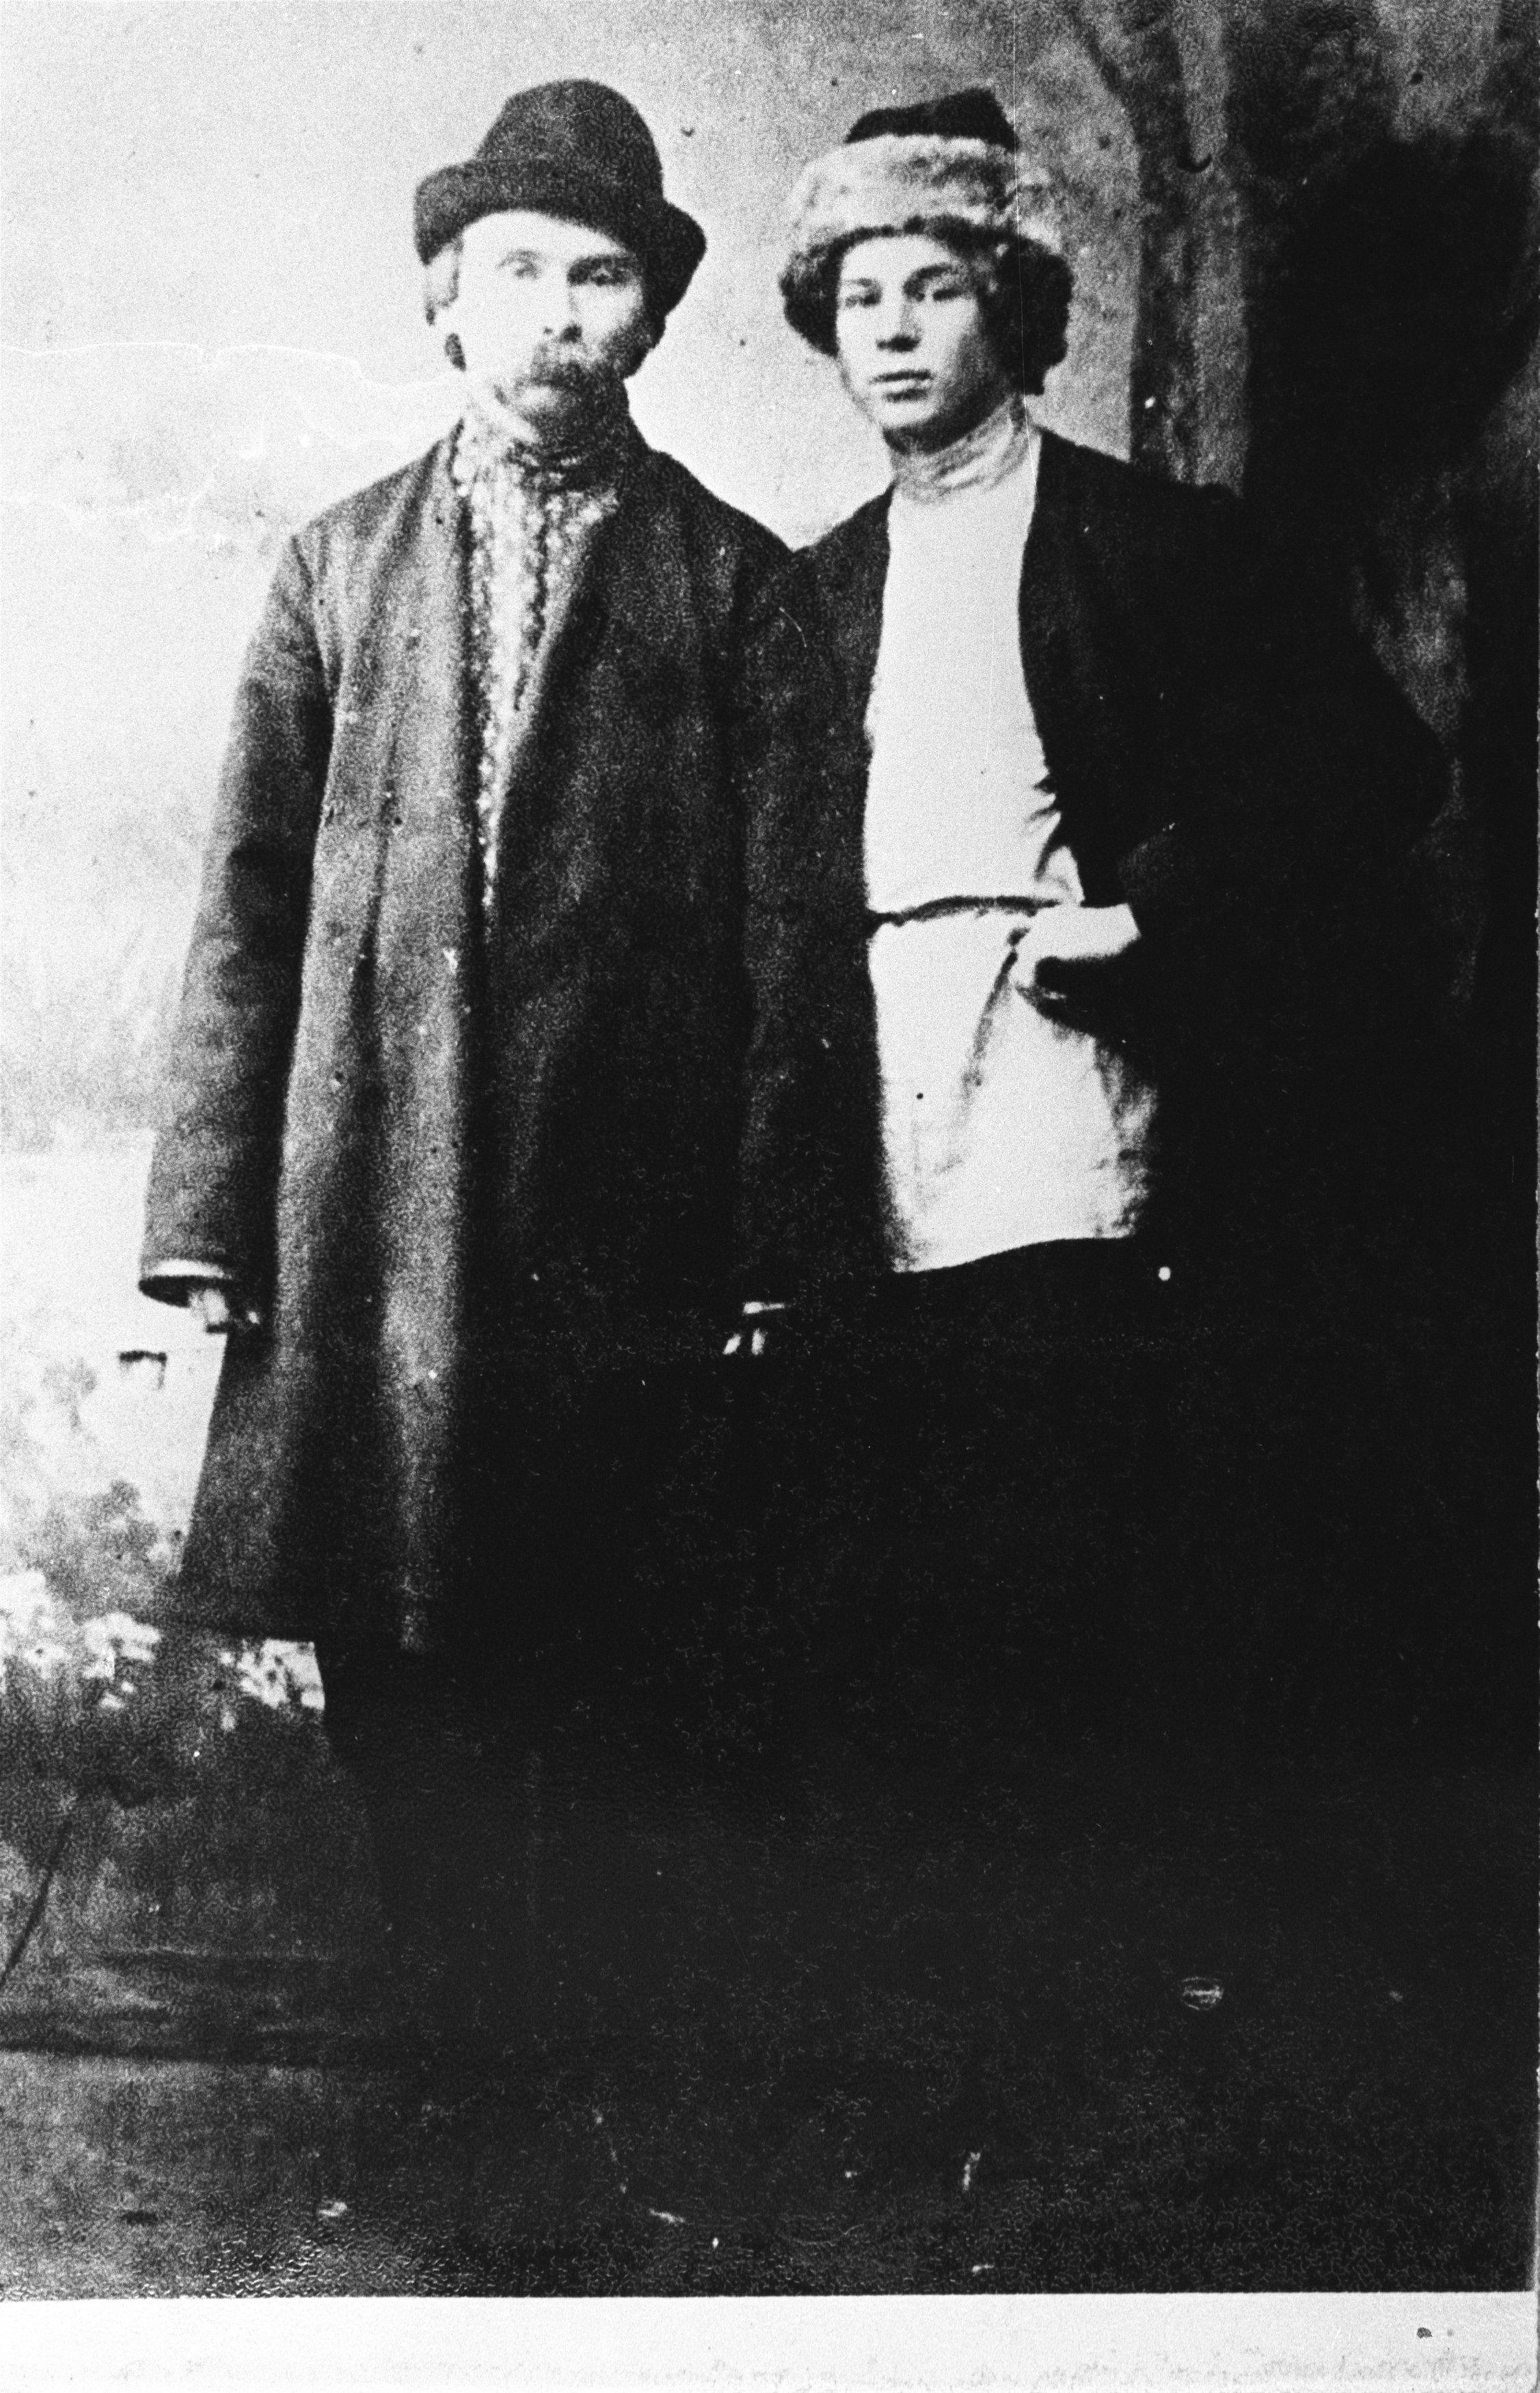 Русские поэты Сергей Есенин и Николай Клюев. 1915. Петроград.